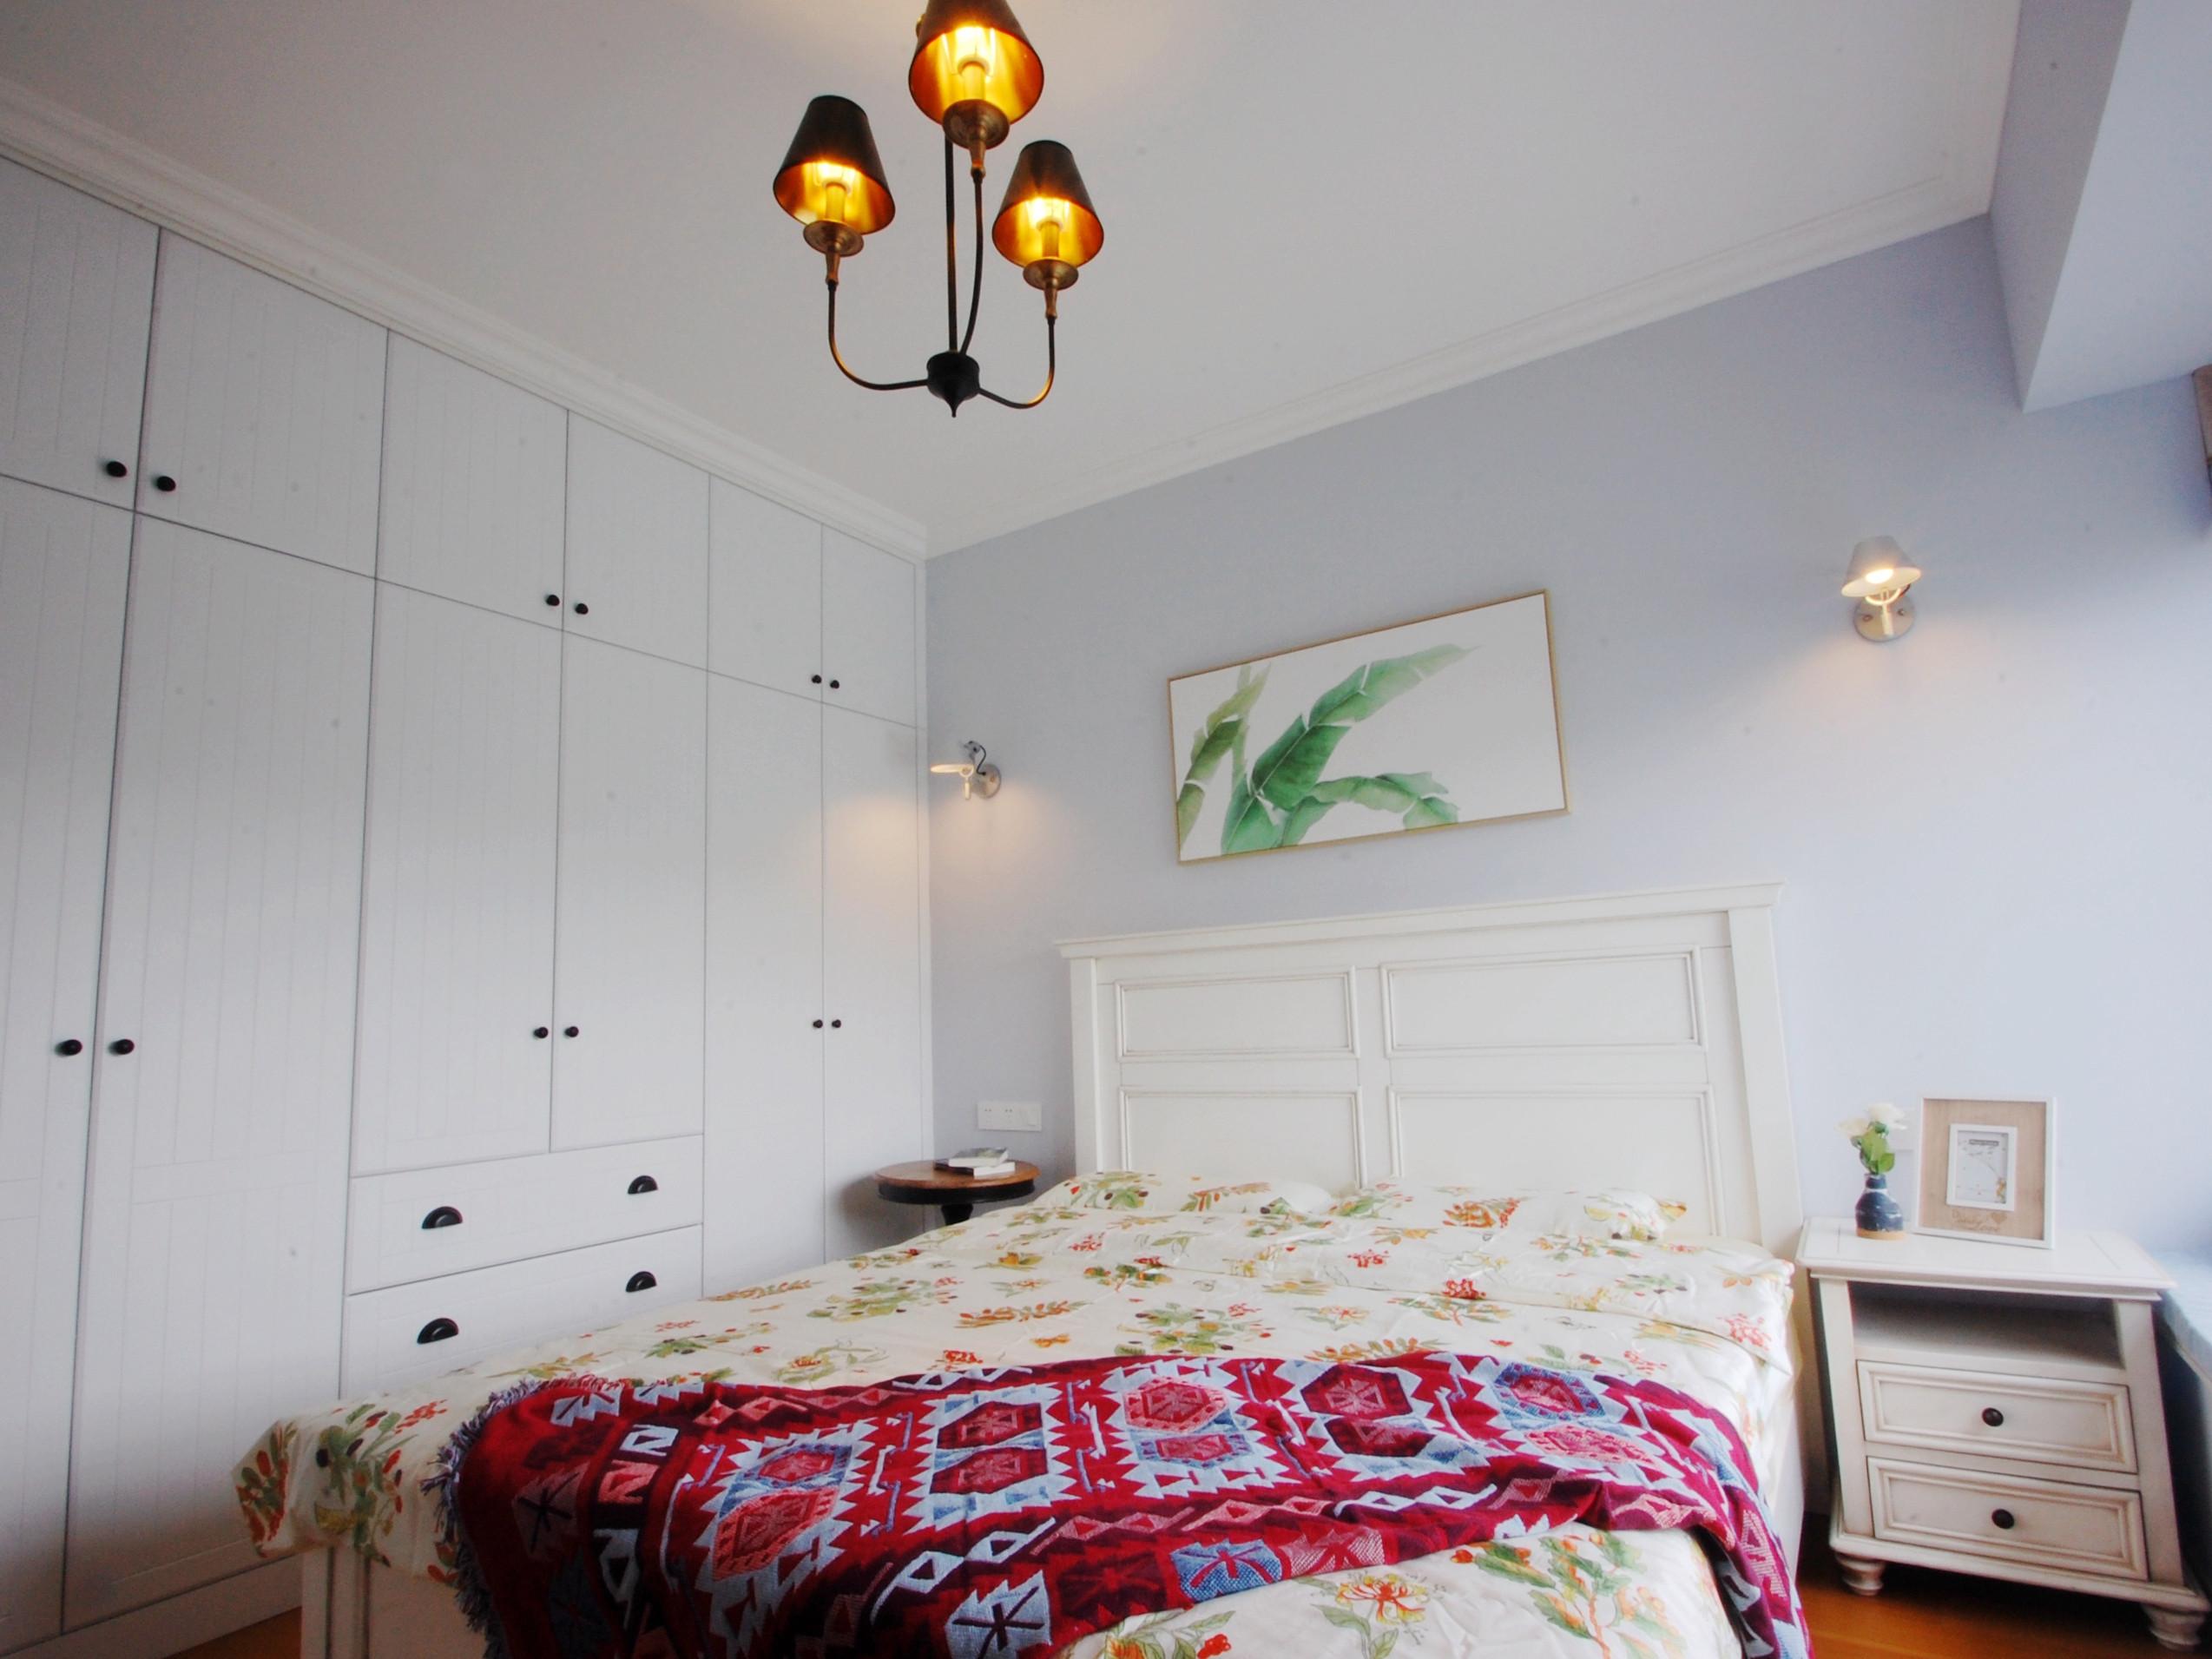 装修效果图 家居美图 120平北欧风格家衣柜图片